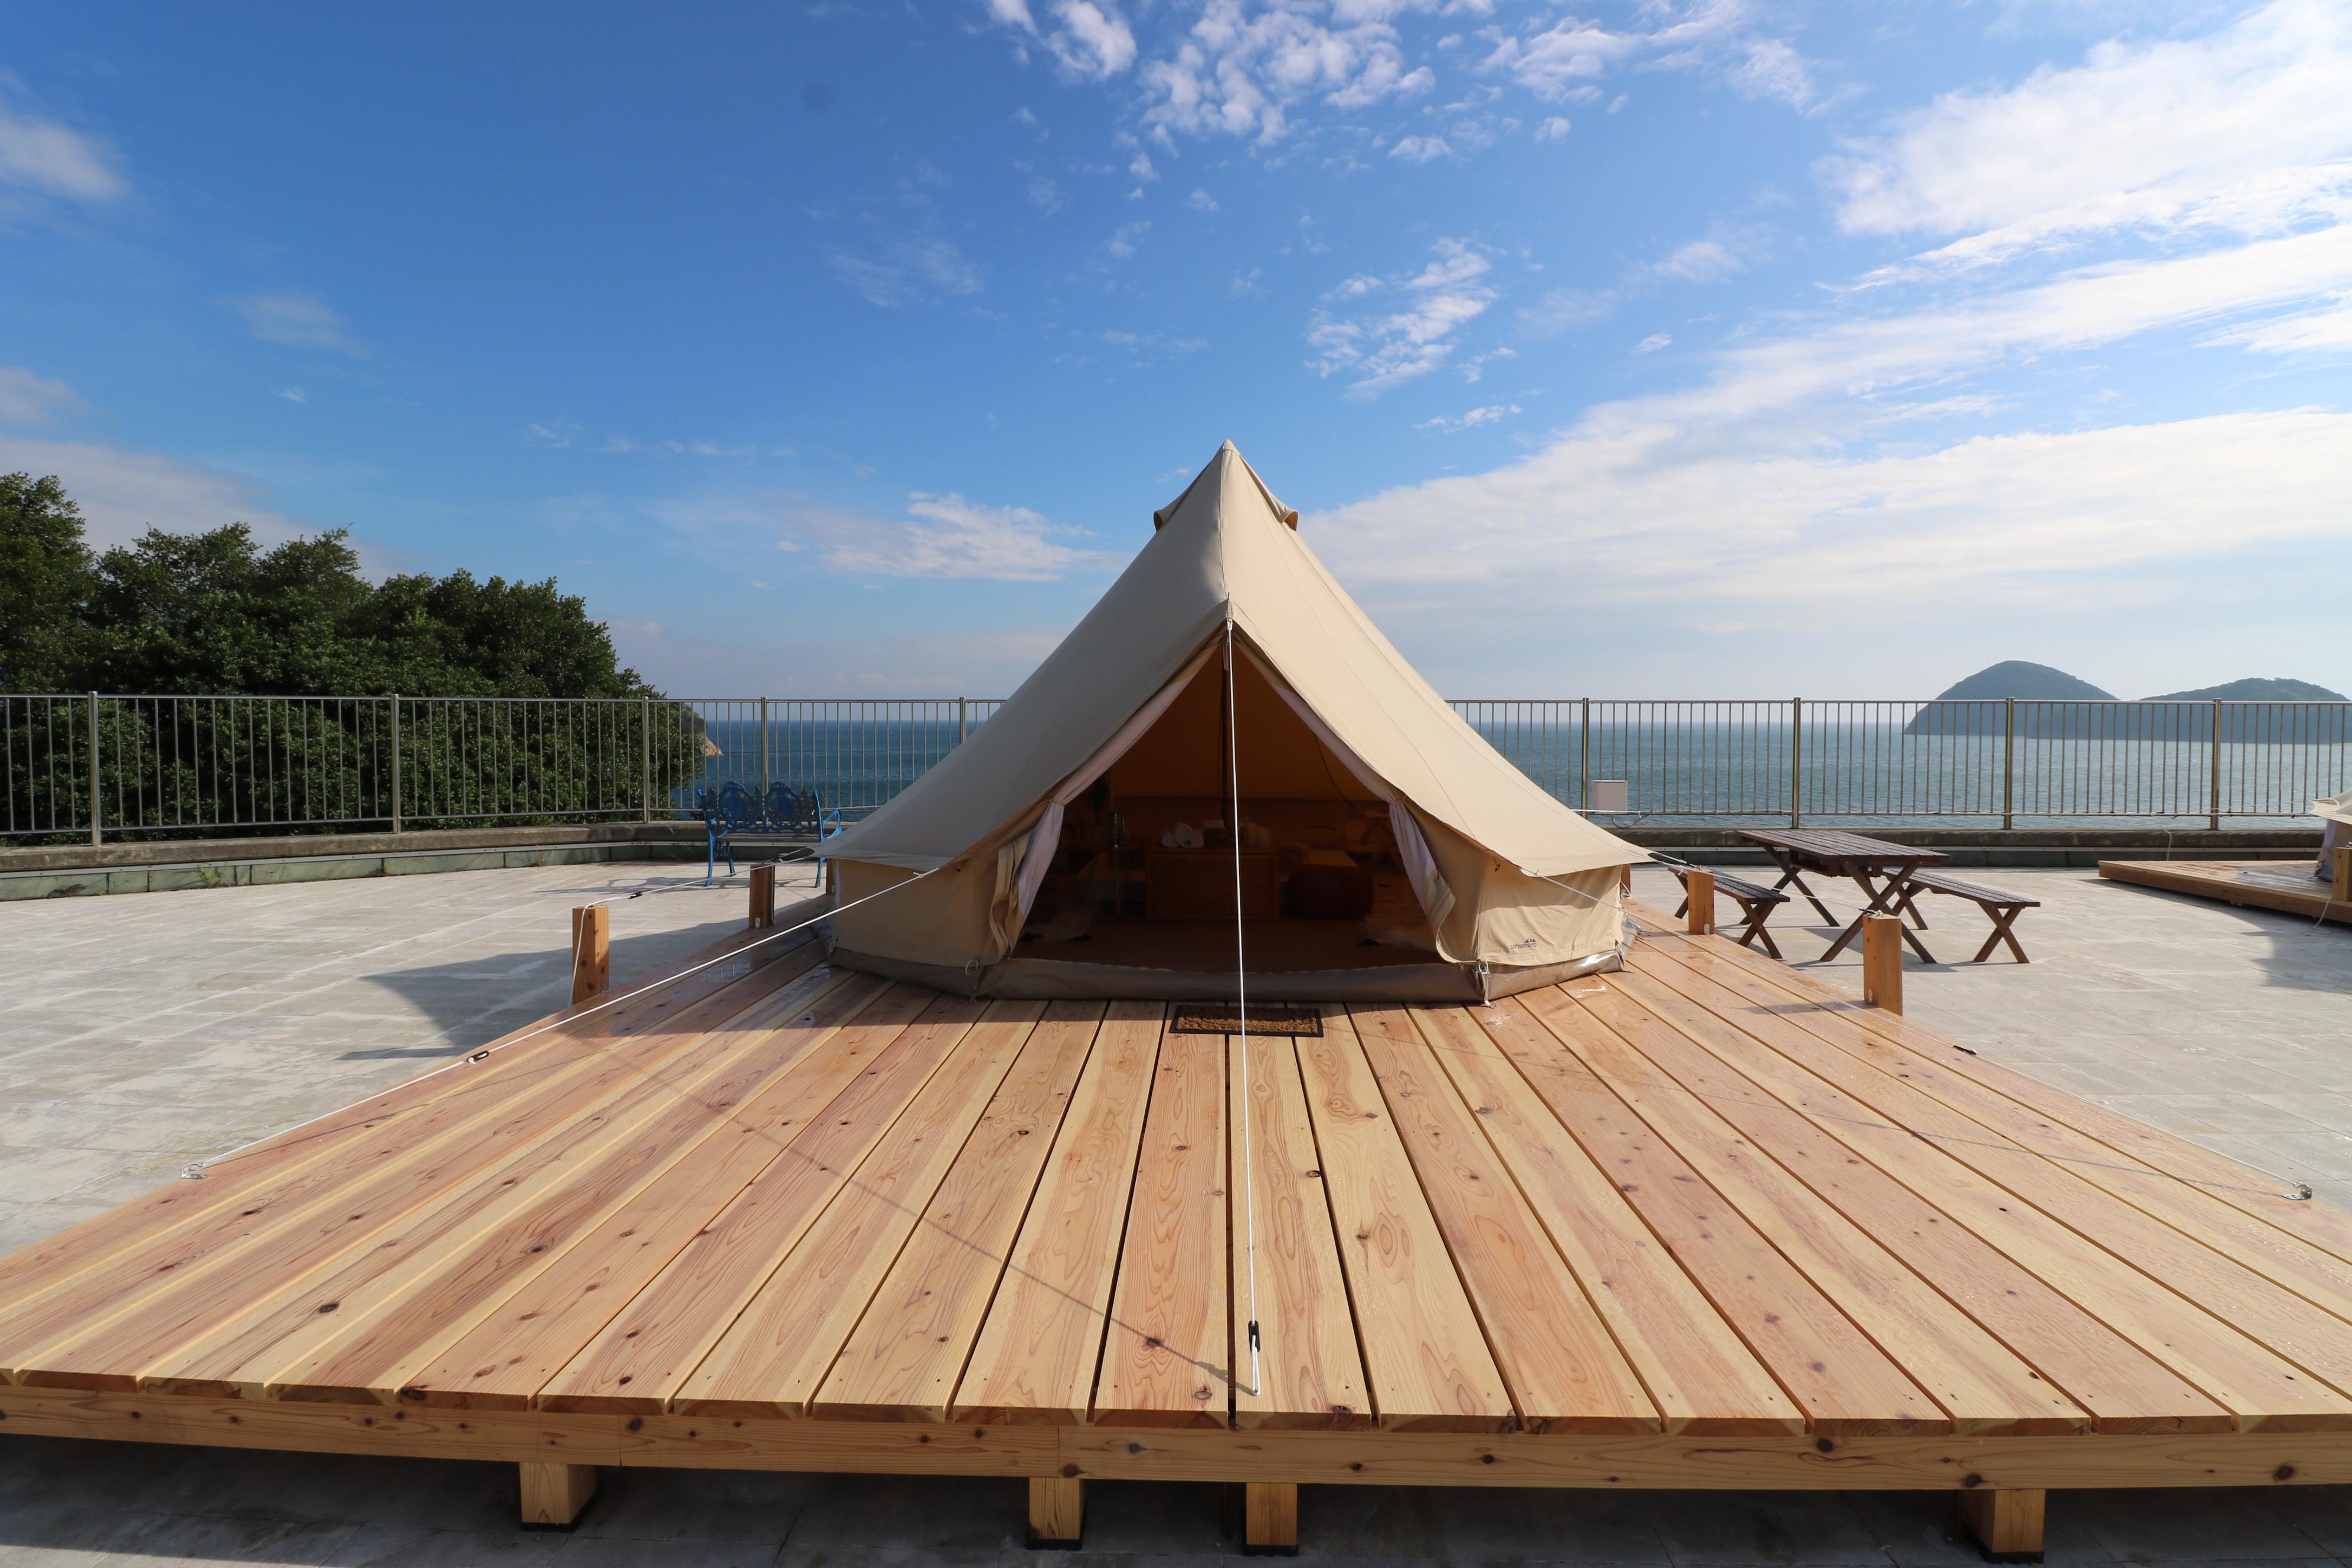 地方自治体遊休地を活用してテント型ホテル経営ができるサービスGlamPicks(グランピックス)がスタート【遊休地の有効活用を促し、観光から地方創生に貢献】